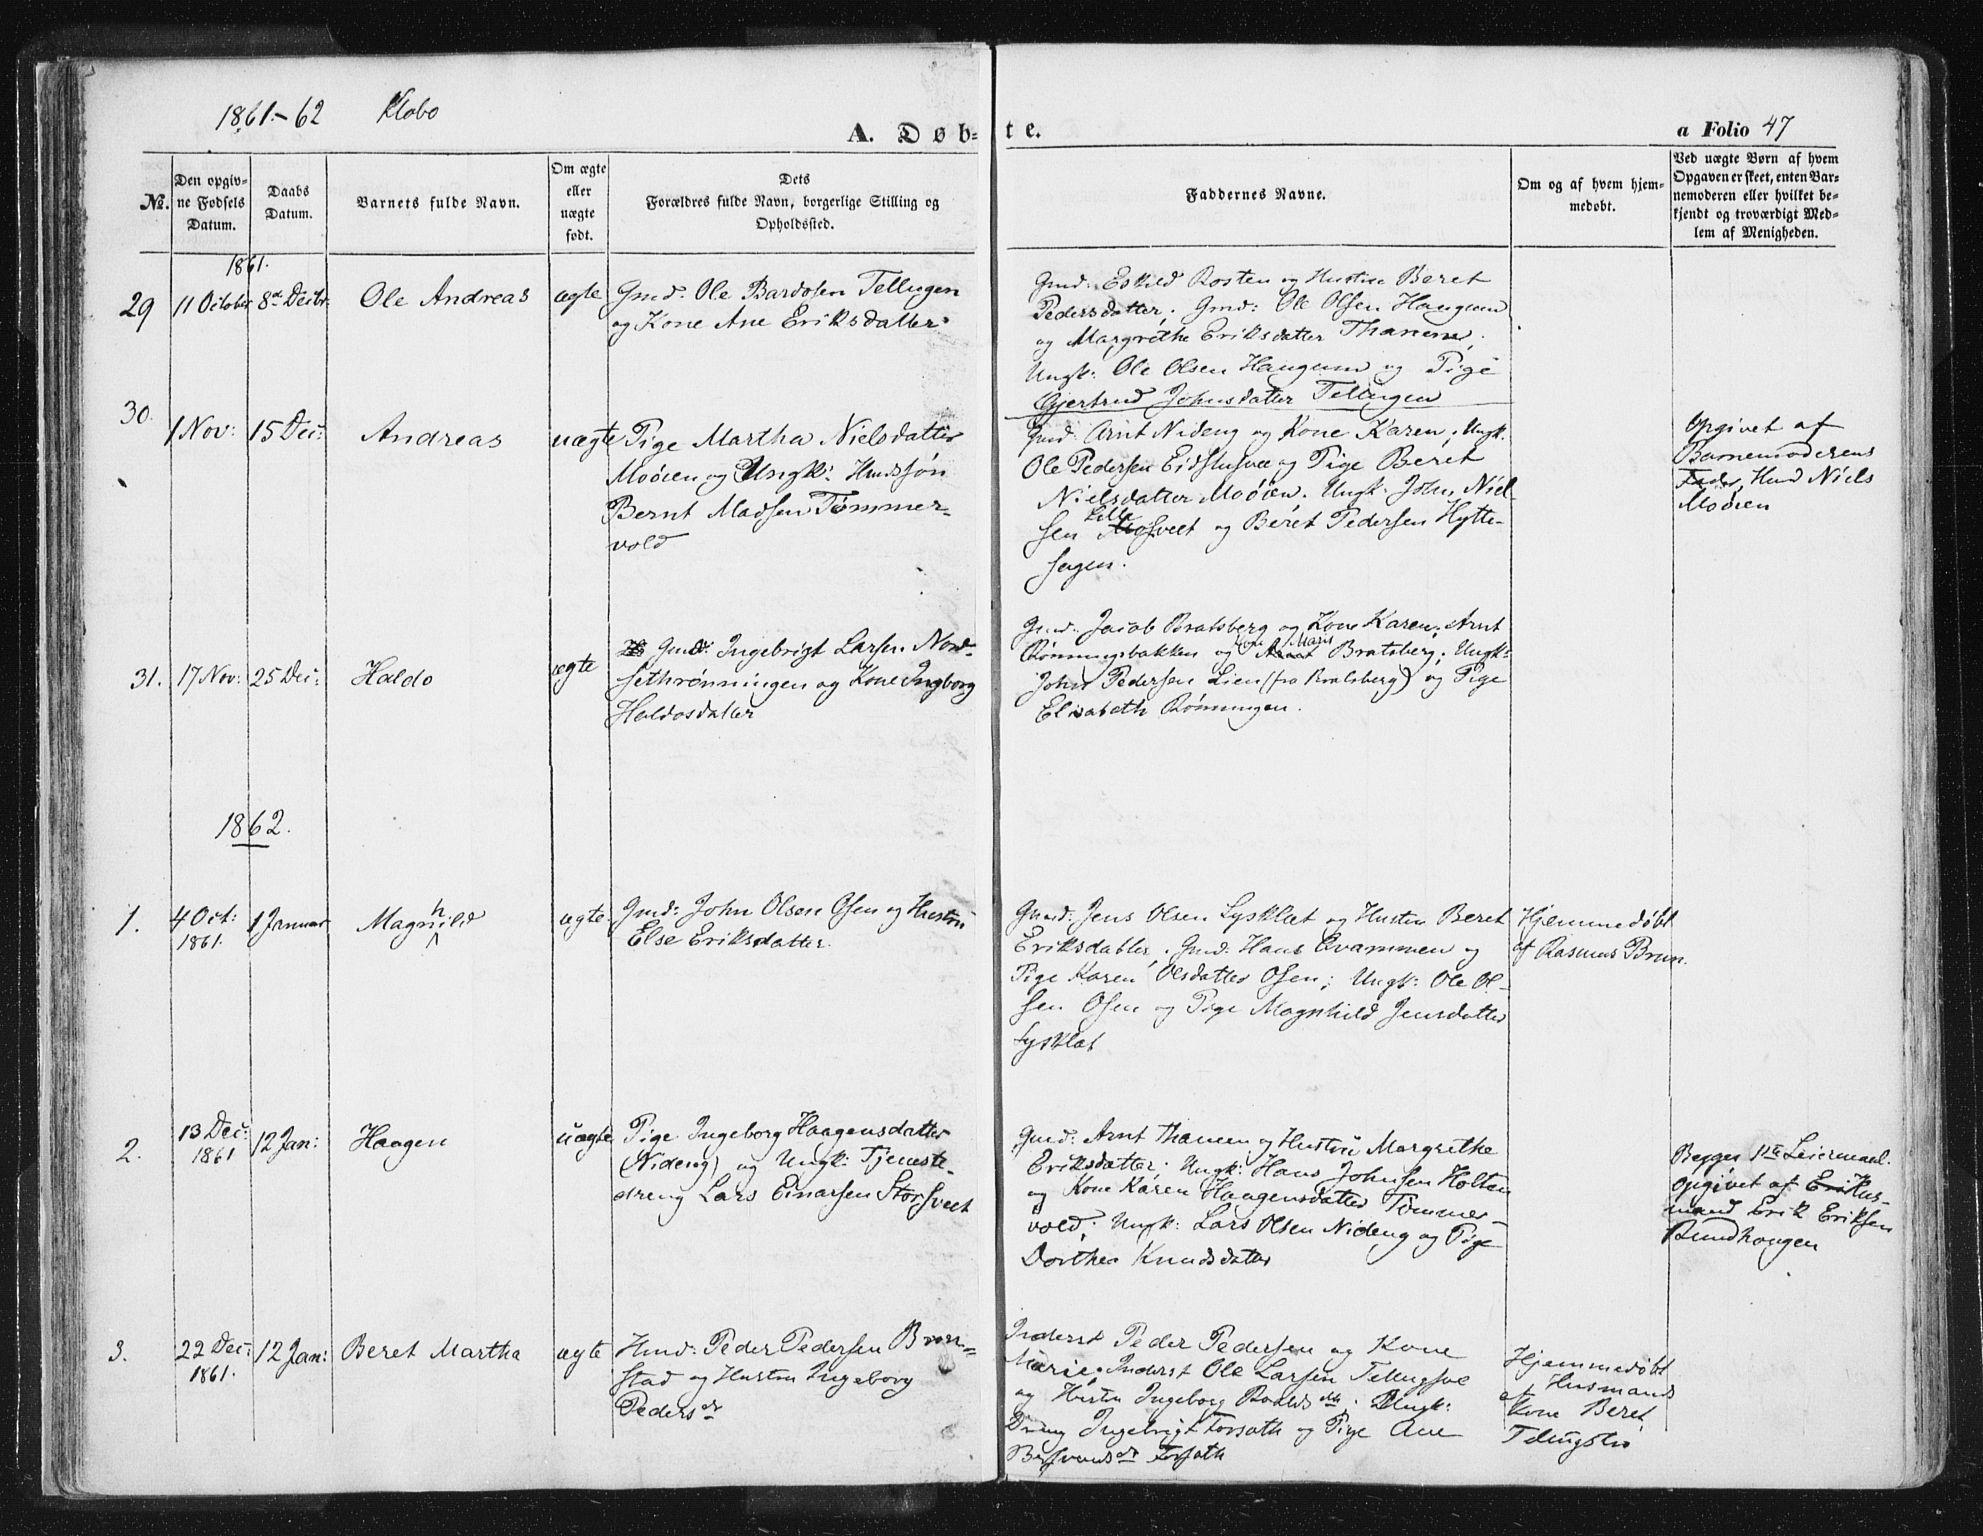 SAT, Ministerialprotokoller, klokkerbøker og fødselsregistre - Sør-Trøndelag, 618/L0441: Ministerialbok nr. 618A05, 1843-1862, s. 47